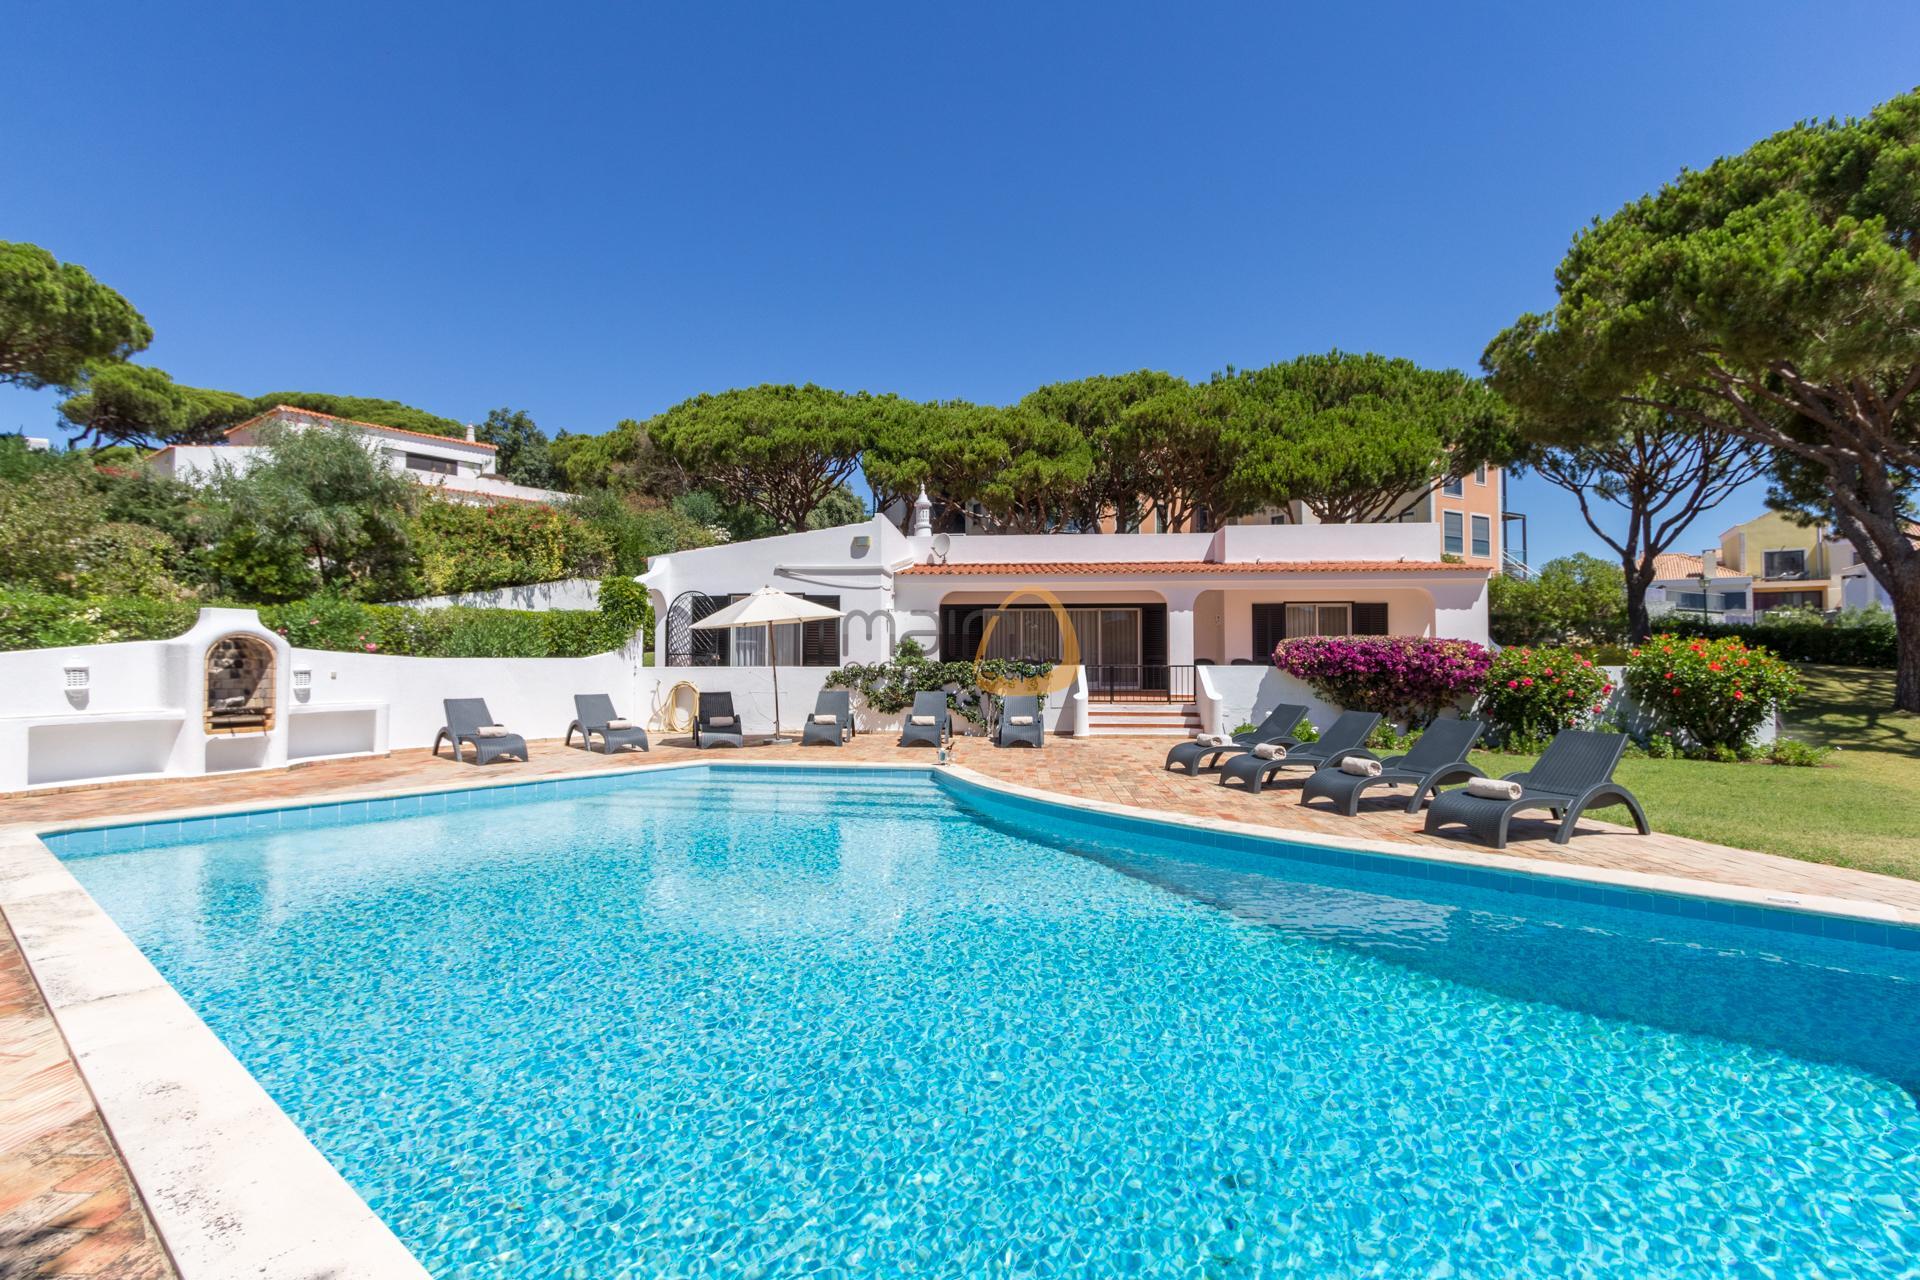 villa-in-vale-do-lobo-algarve-golden-triangle-portugal-property-real-estate-mainproperties-mp139vdl-0